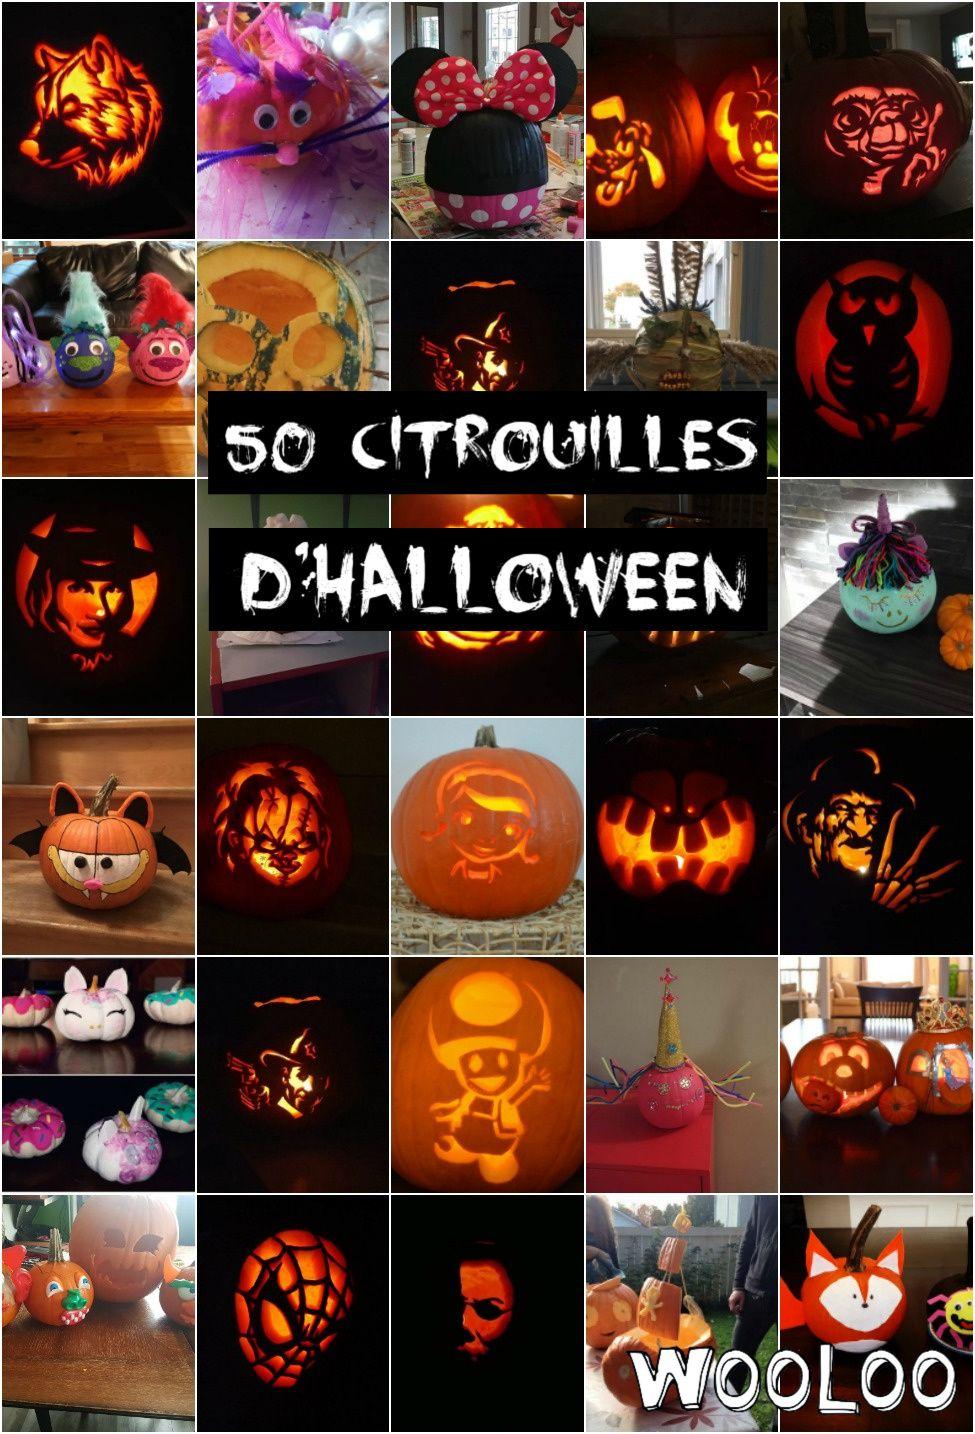 Les 50 Plus Belles Citrouilles D'halloween | Citrouille destiné Photo De Citrouille D Halloween